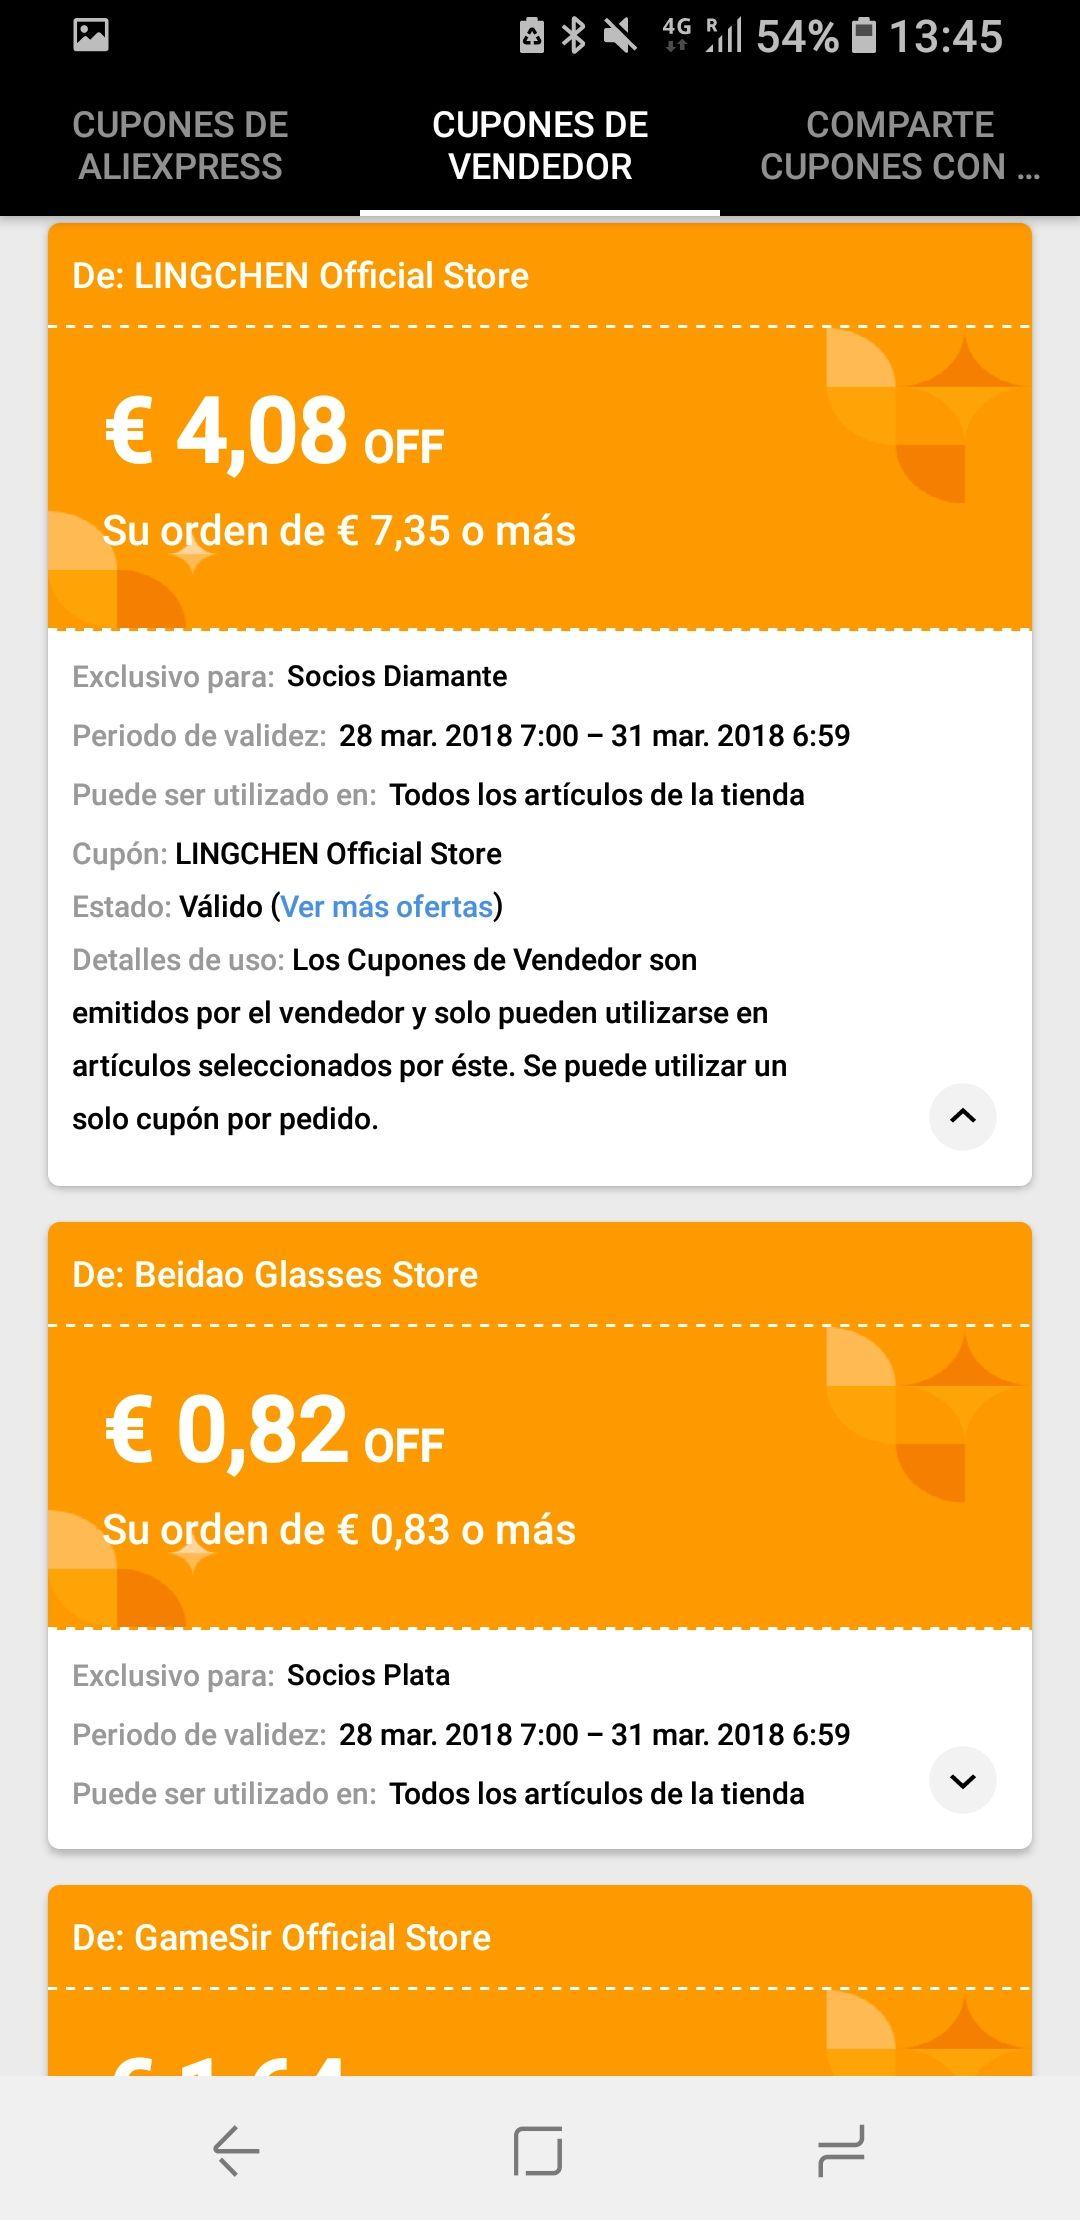 Cupon Vendedor -4€ Aliexpress socios diamante